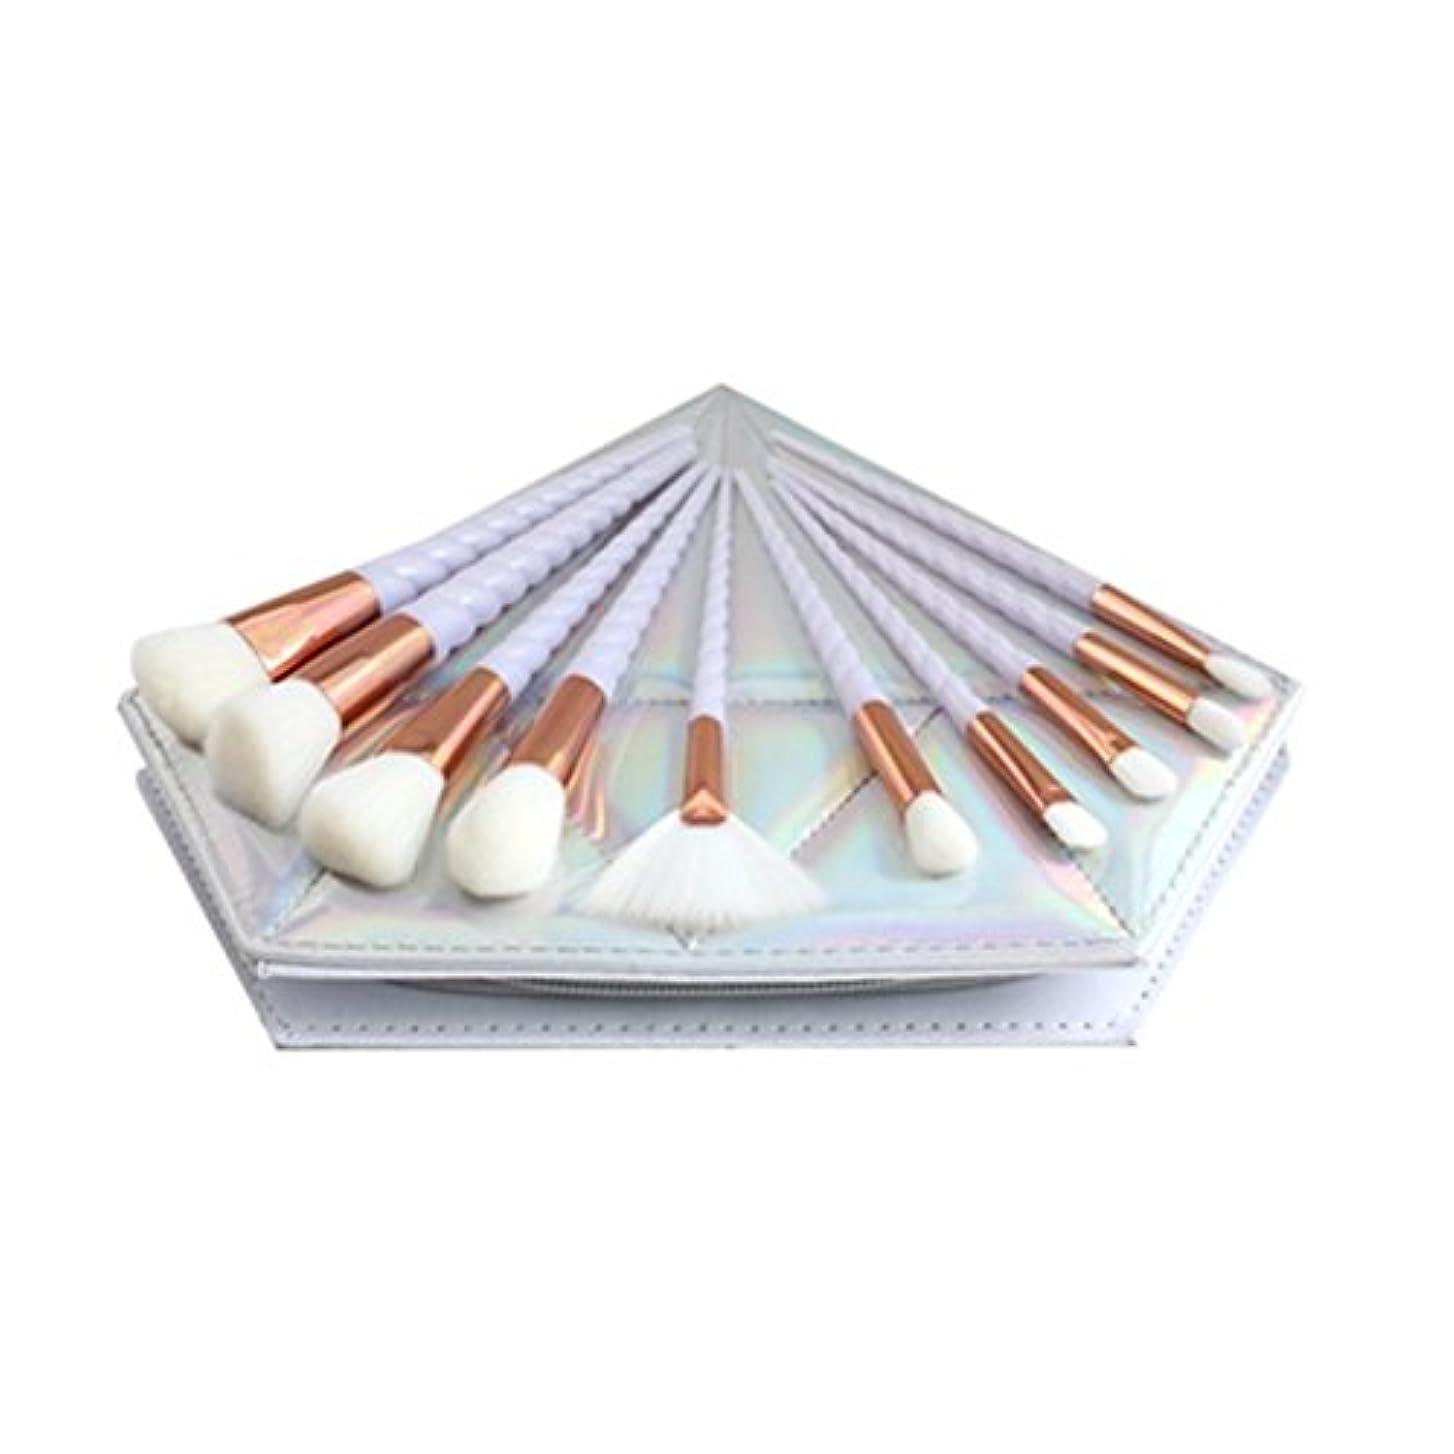 元気想起羨望Dilla Beauty 10本セットユニコーンデザインプラスチックハンドル形状メイクブラシセット合成毛ファンデーションブラシアイシャドーブラッシャー美容ツール美しい化粧品のバッグを送る (白い柄 - 白い髪)